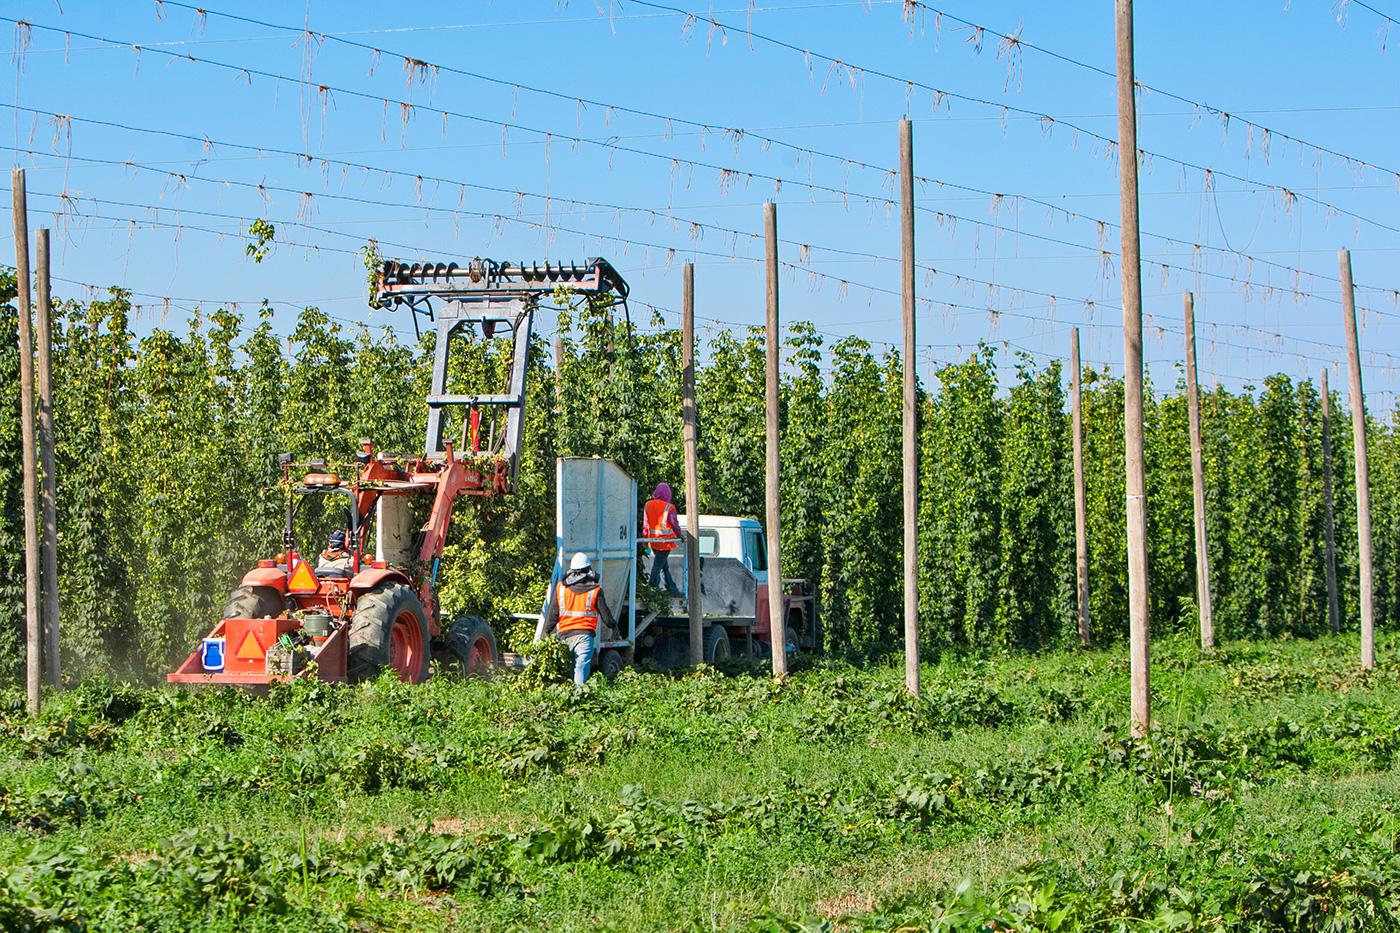 Сбор хмеля на плантациях Hopsteiner. Фото: CDStuder Photography